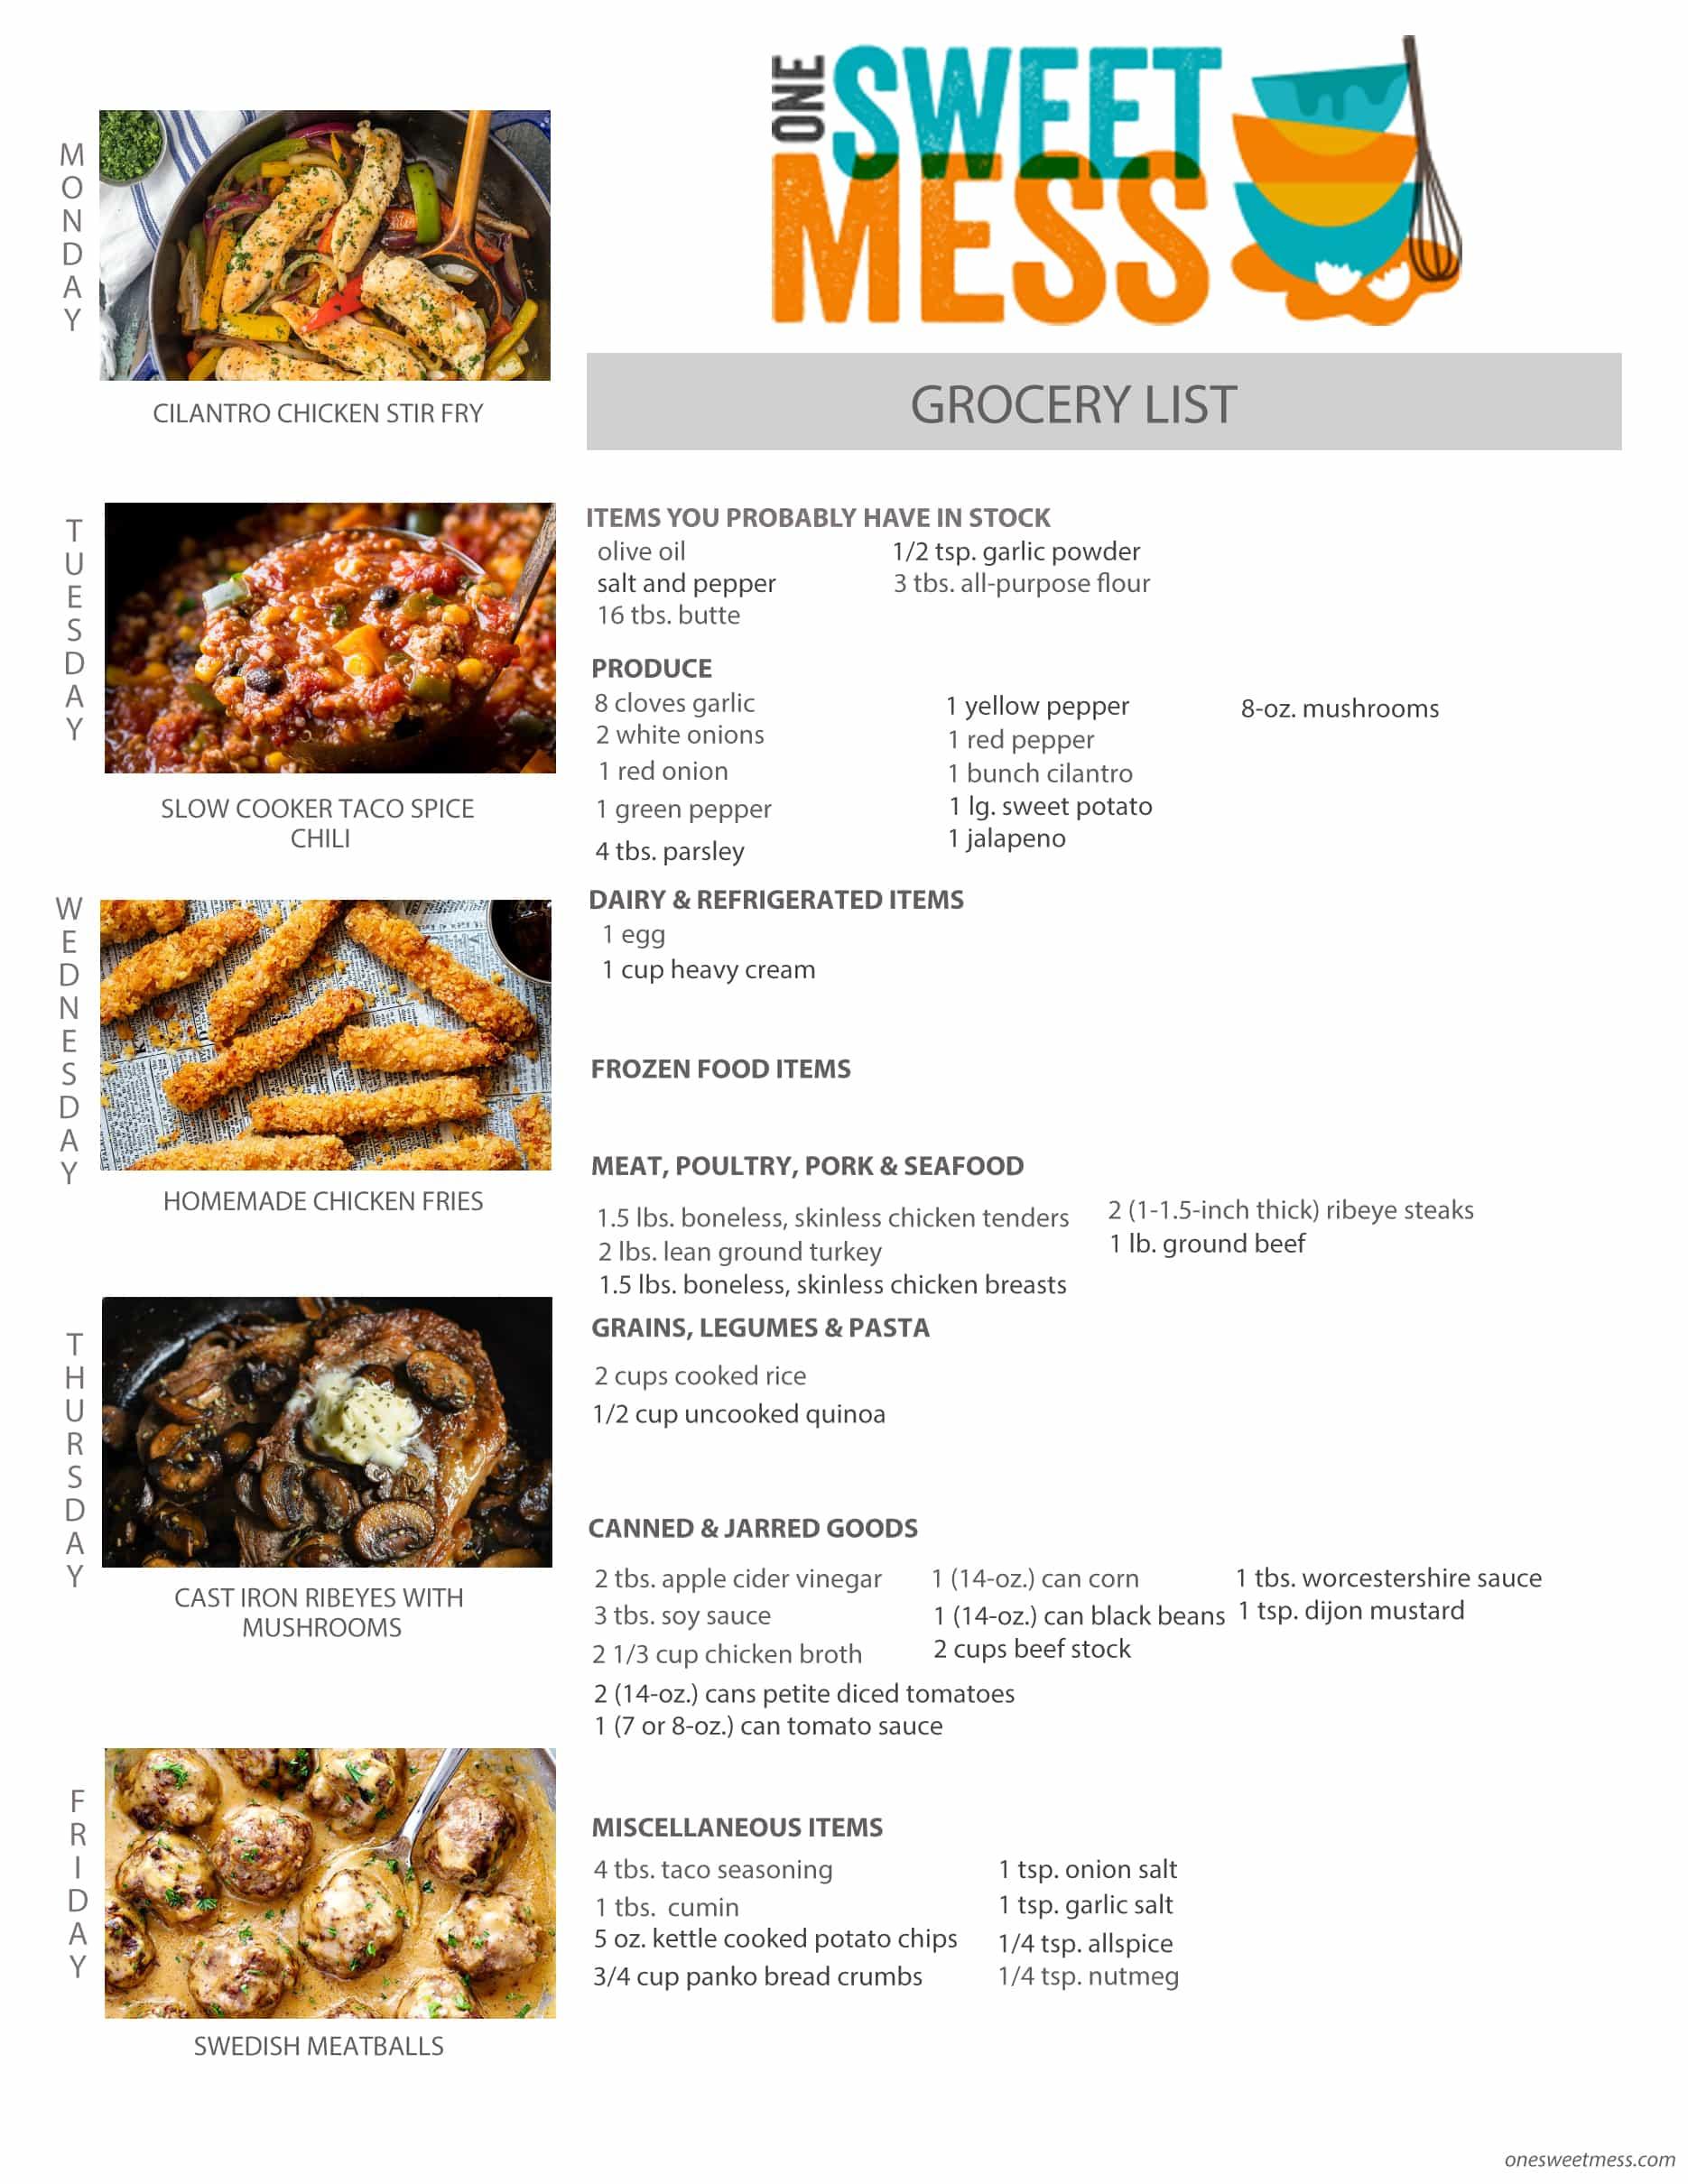 Week of February 20th, 2017 Weekly Meal Plan + Printable Grocery List